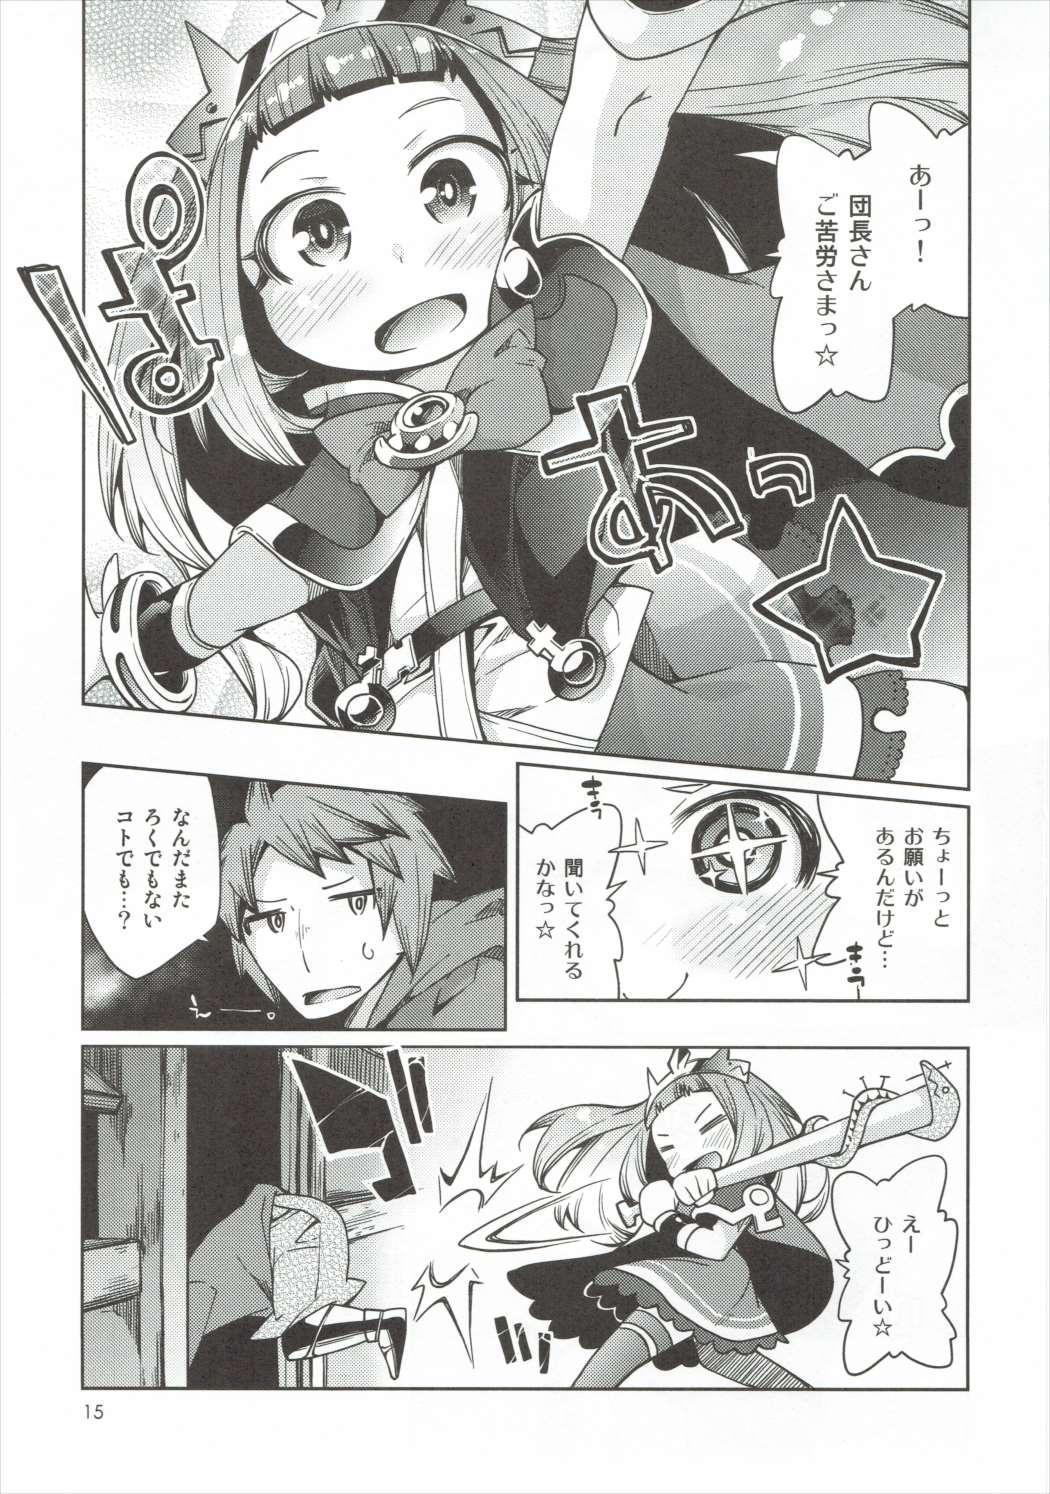 Osora no Ue de Ecchi Shiyo! 13